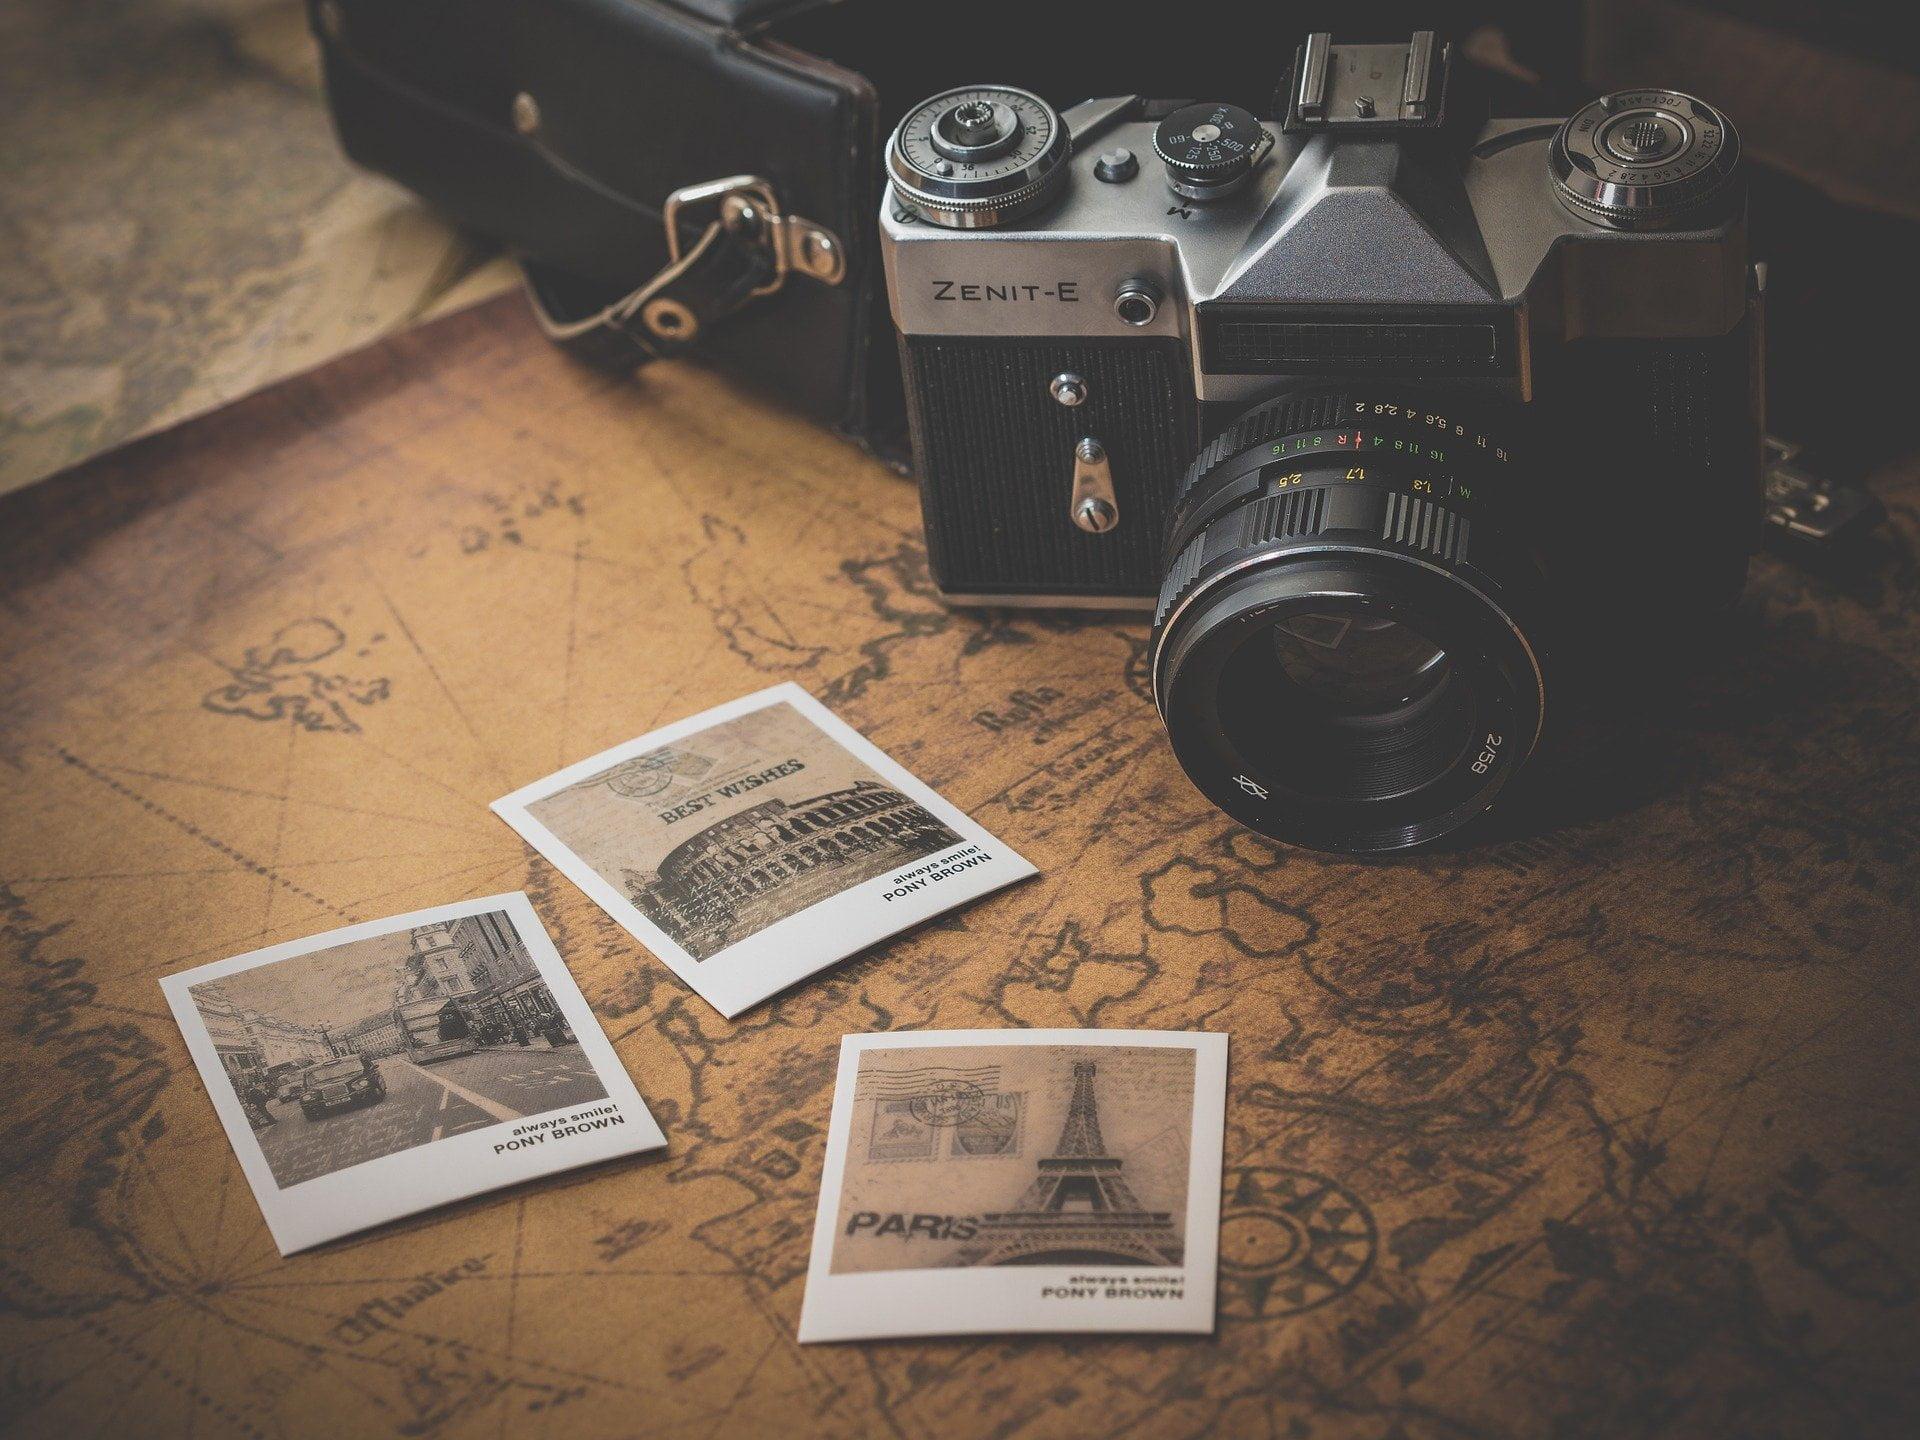 5 buone ragioni per viaggiare: le motivazioni che mi spingono a partire 1